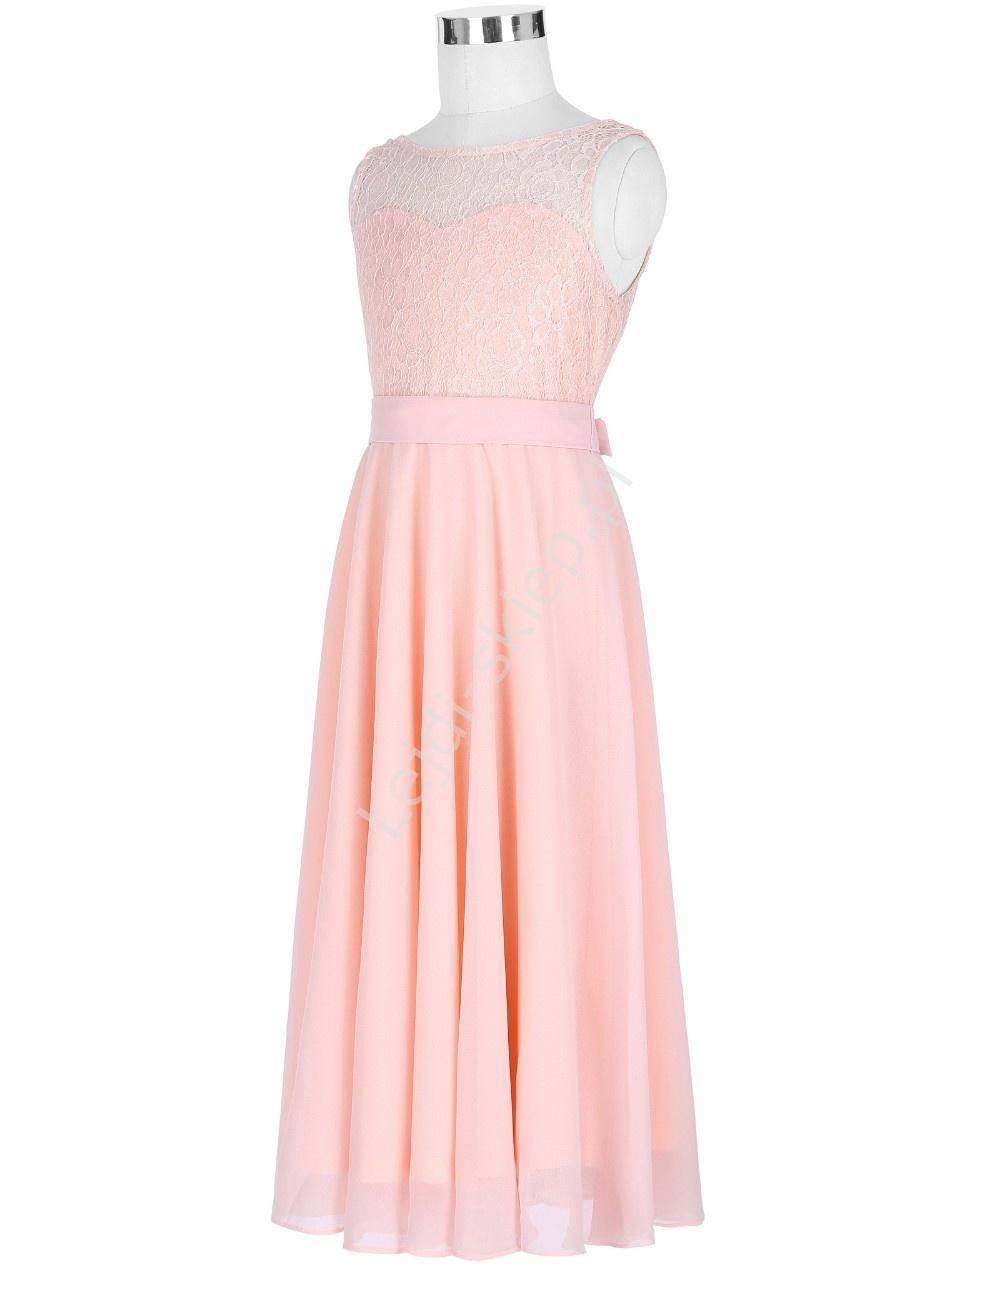 Wizytowe sukienki dla dziewczynek. jelly555.ml jest to głównie sklep internetowy z sukienkami dla dziewczynek, jednakże posiadamy w swojej kolekcji także bolerka, sweterki, żakieciki, spódniczki, kompleciki, koszule, bluzeczki.